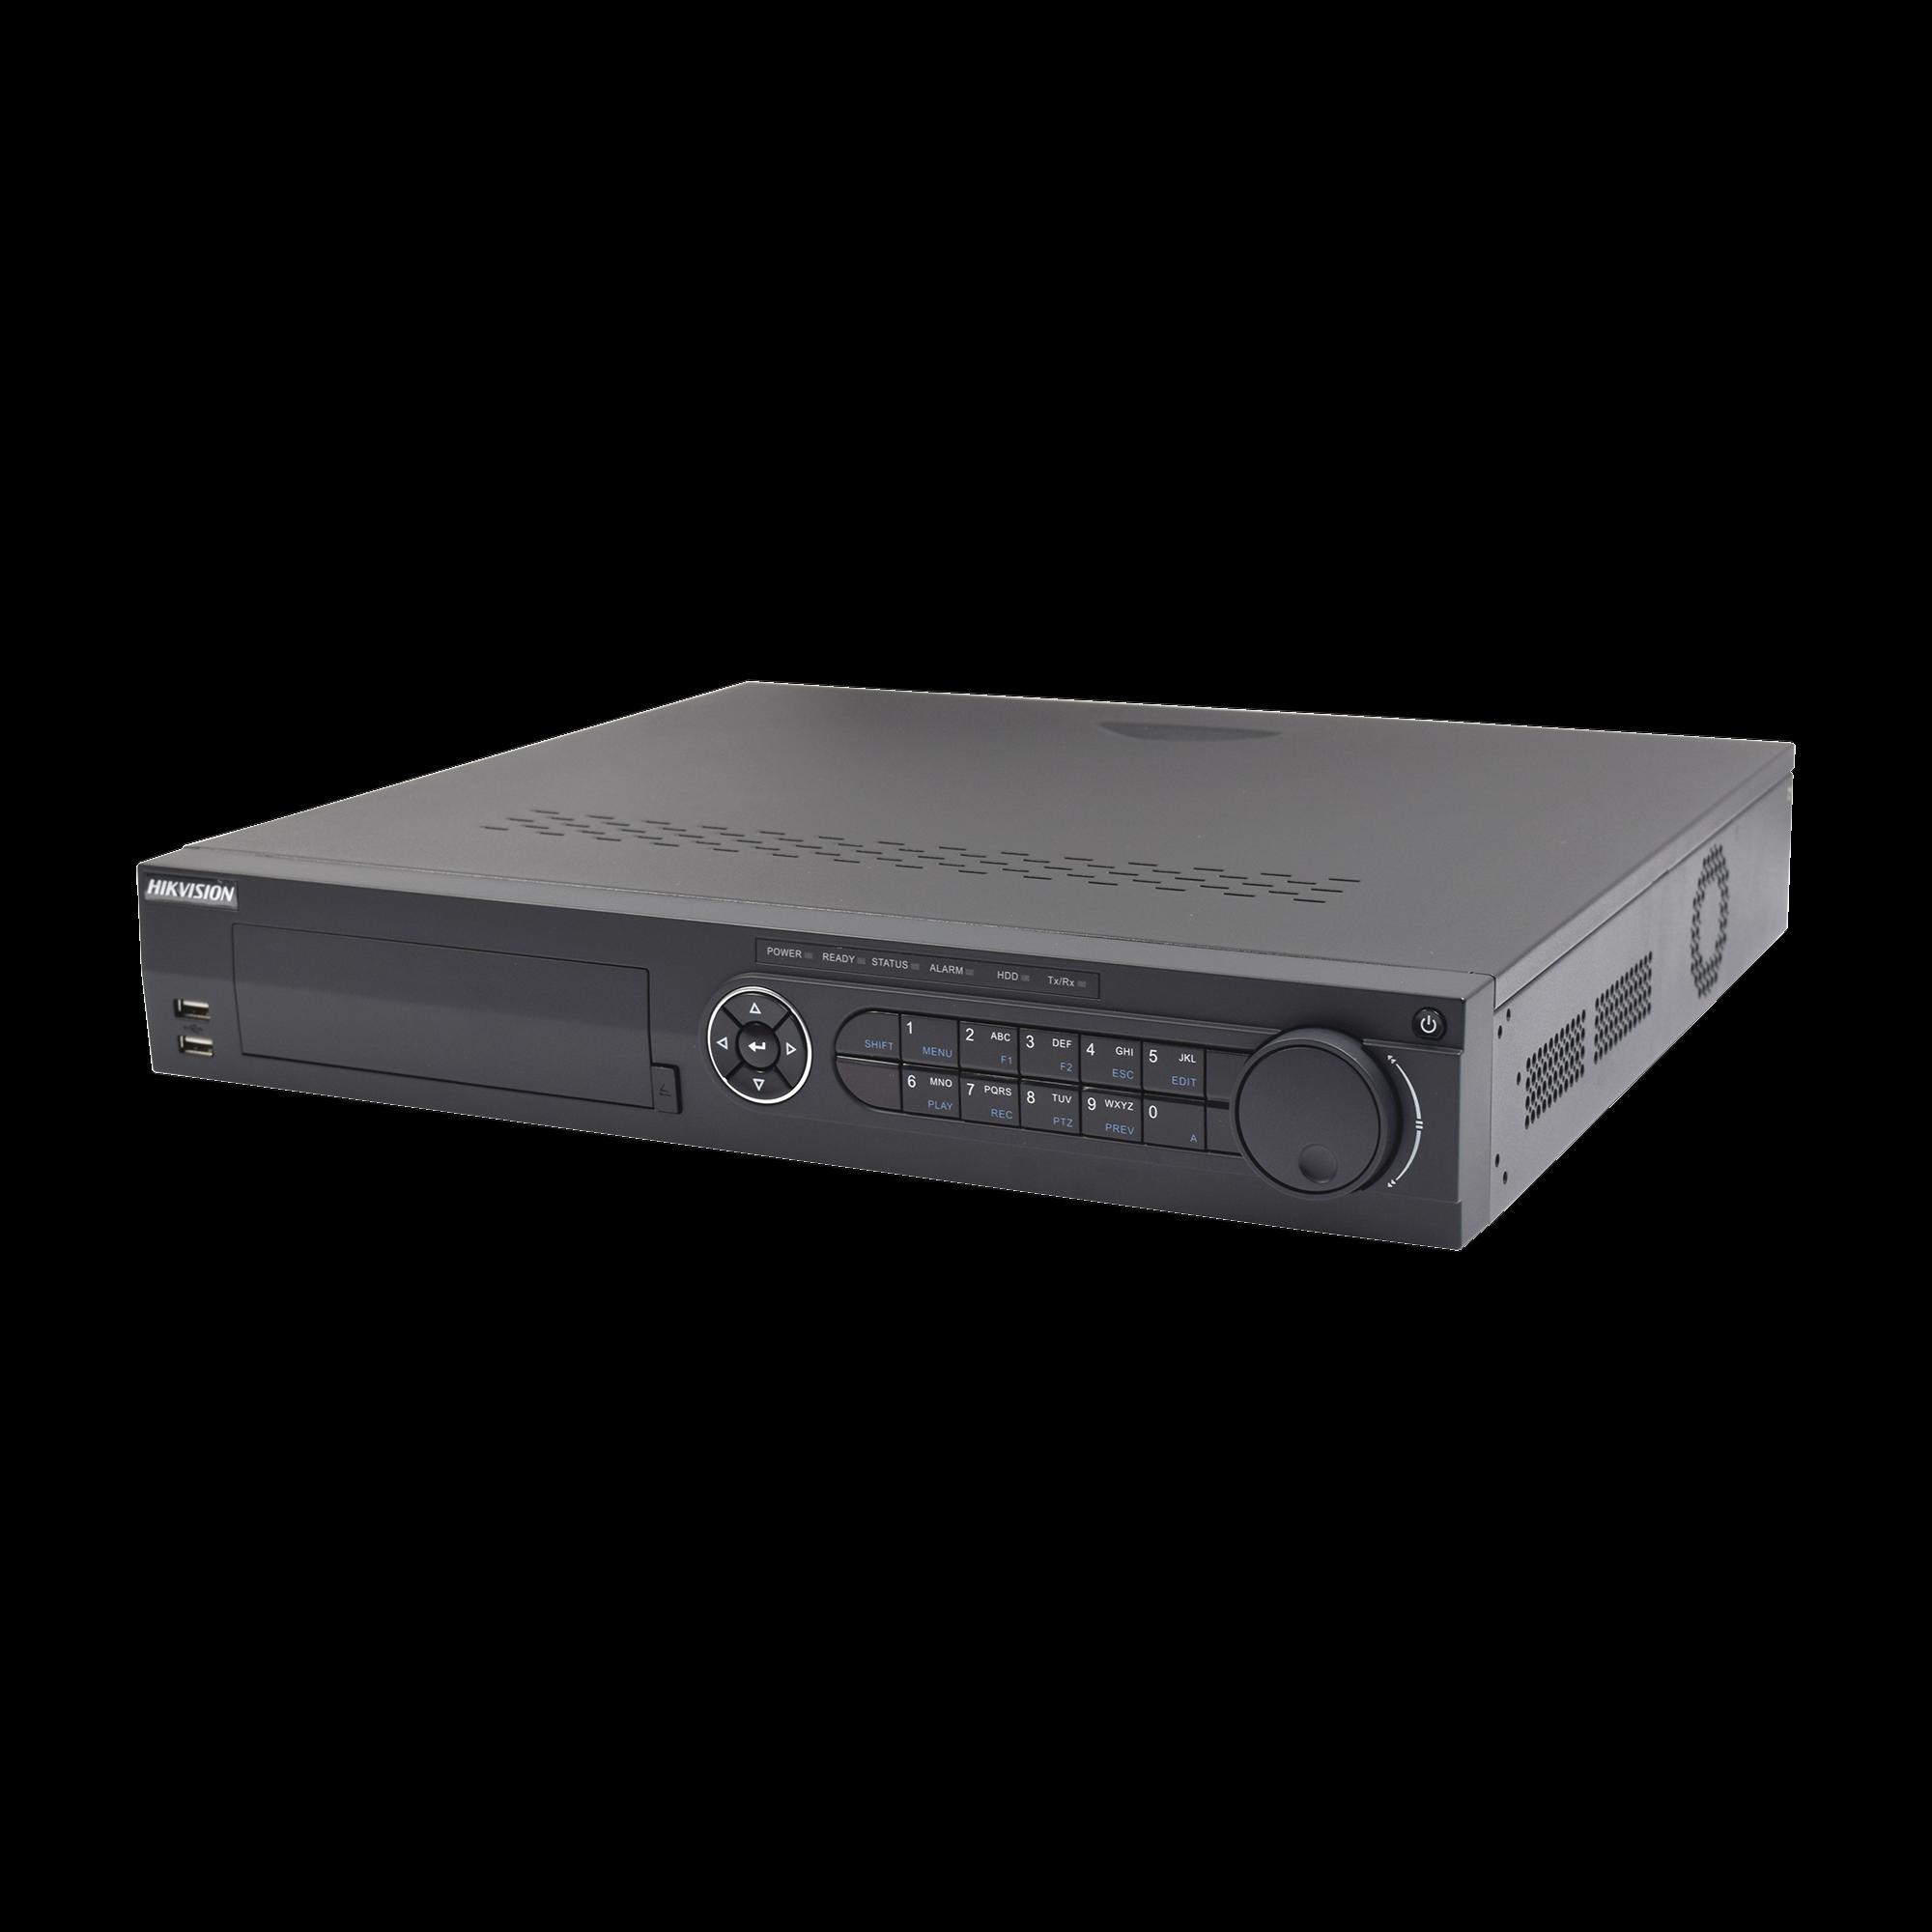 DVR 4 Megapixel / 16 Canales TURBOHD + 8 Canales IP / 4 Bahías de Disco Duro / 4 Canales de Audio / Videoanalisis / 16 Entradas de Alarma